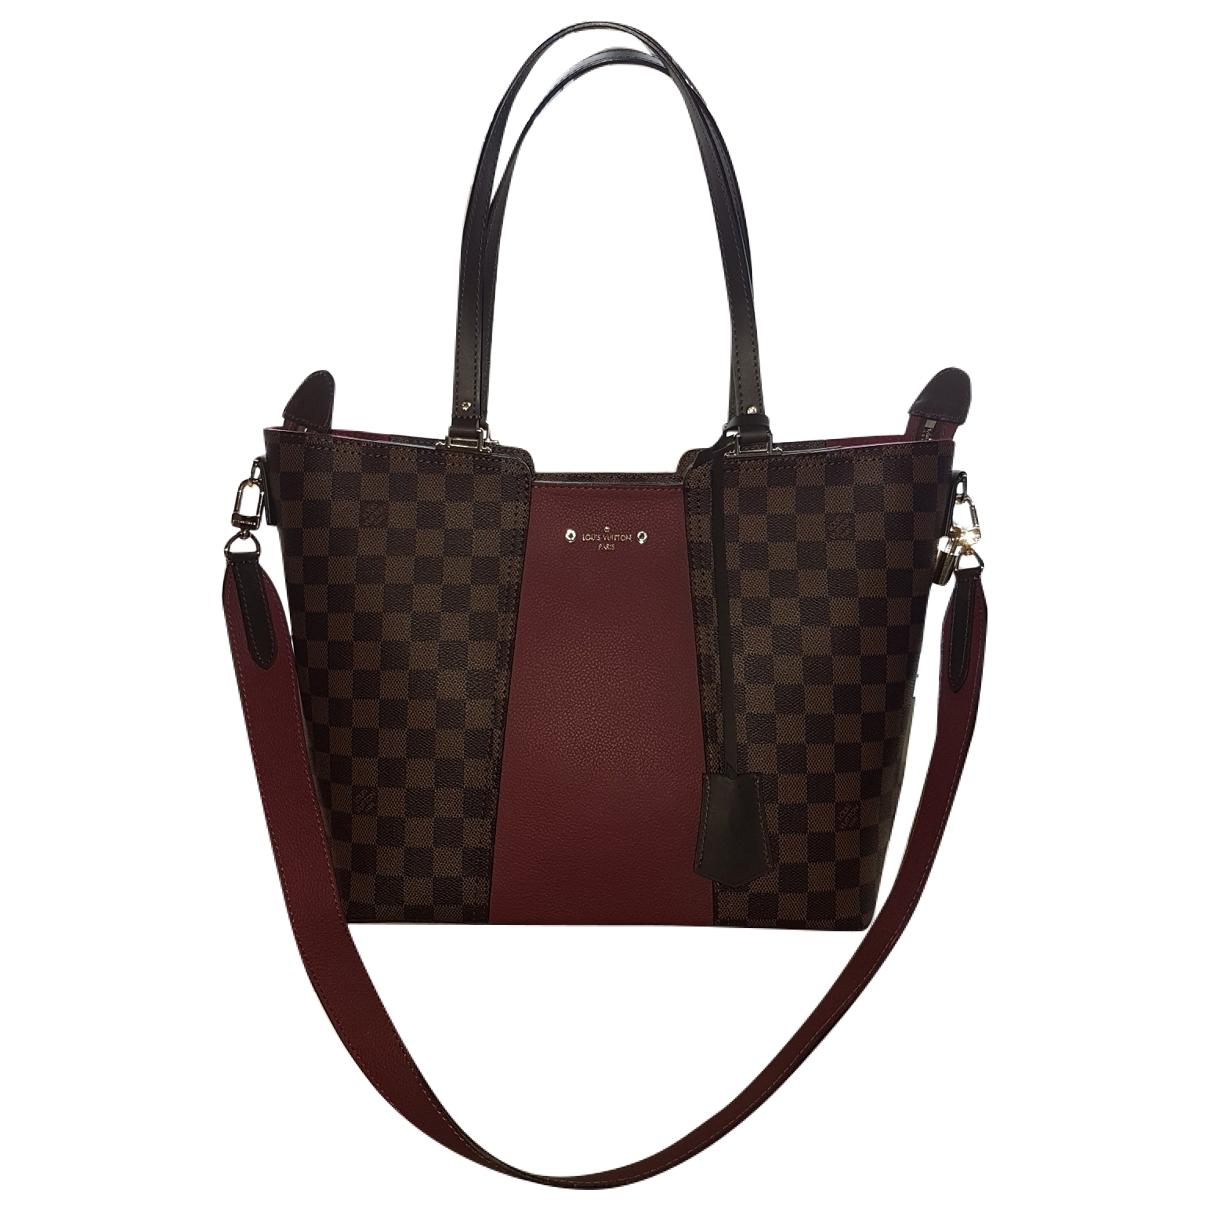 Louis Vuitton - Sac a main Jersey pour femme en toile - marron